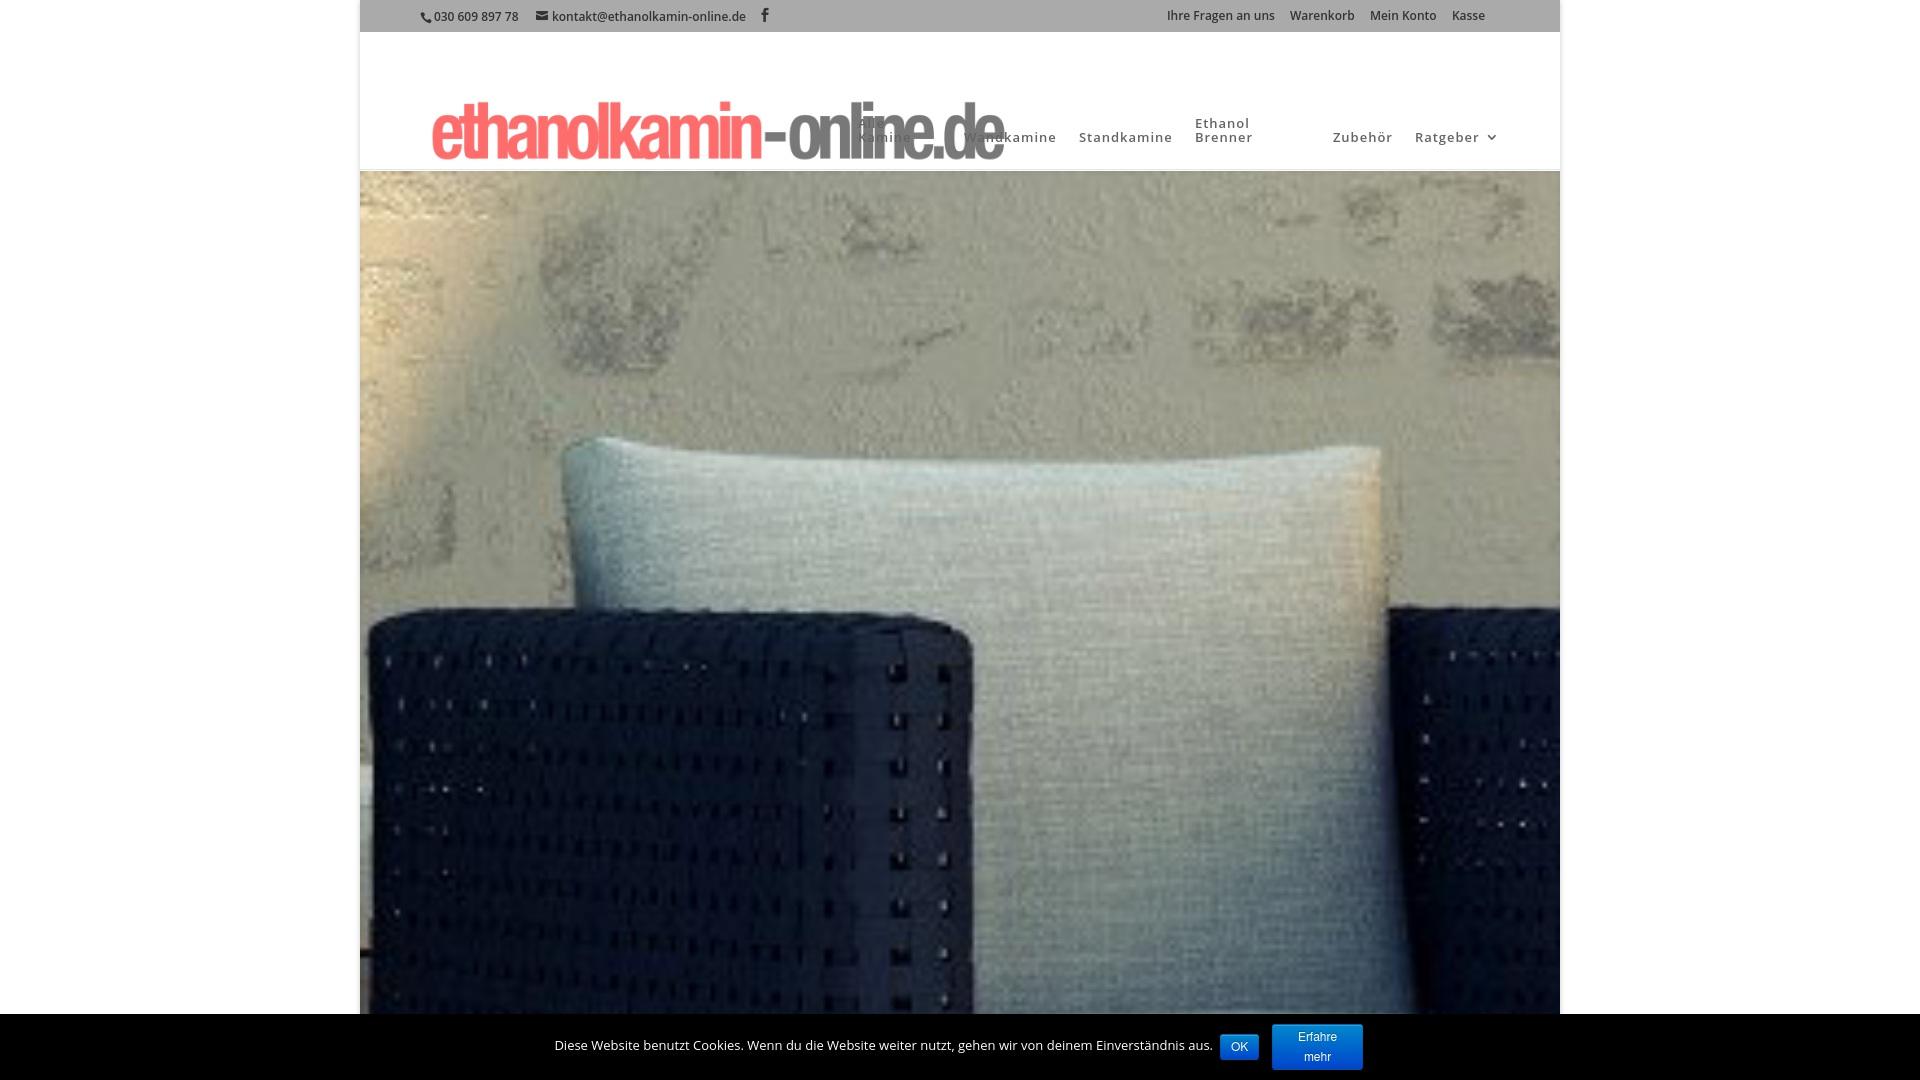 Gutschein für Ethanolkamin-online: Rabatte für  Ethanolkamin-online sichern